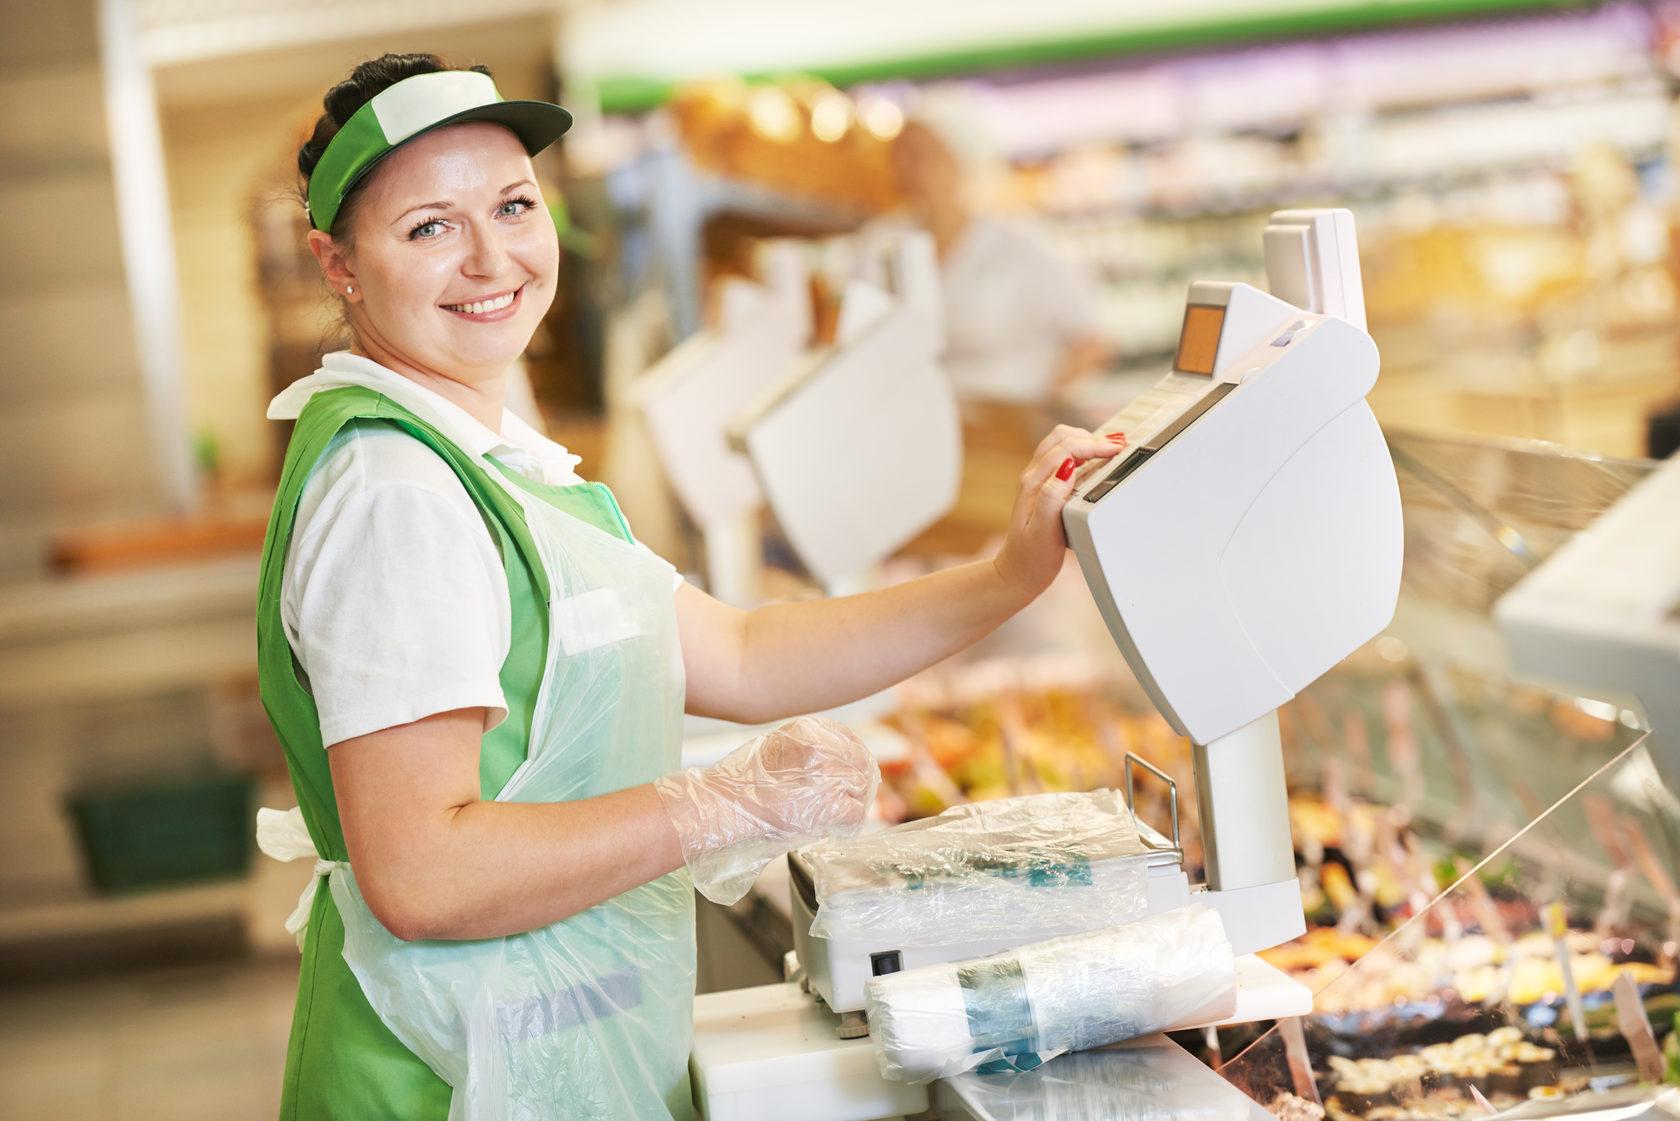 робота в польщі в супермаркеті